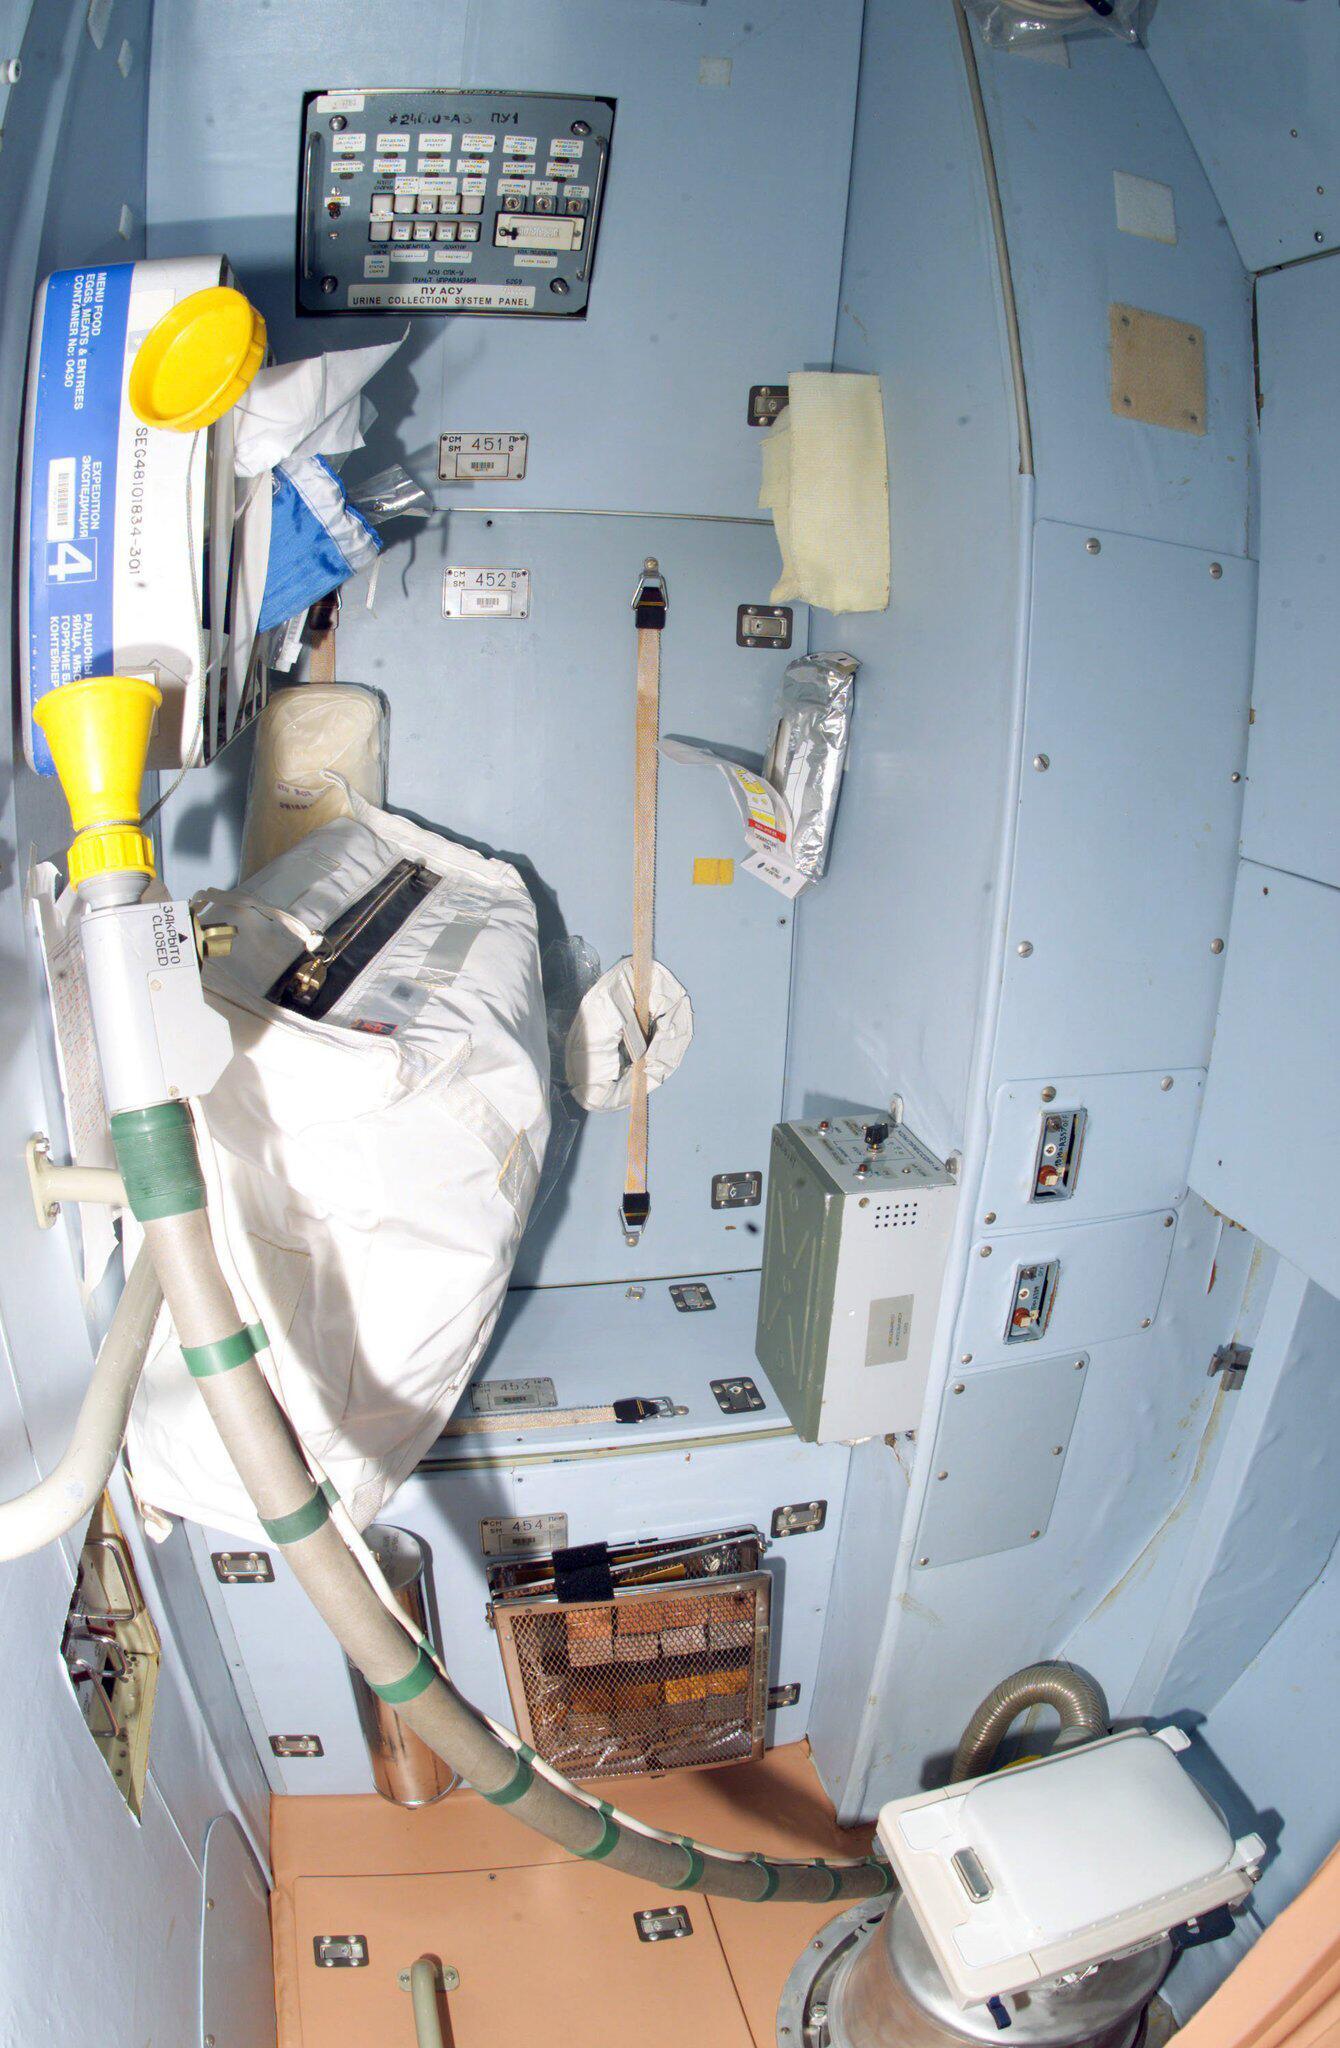 Bild zu Raumstation ISS-Toilette